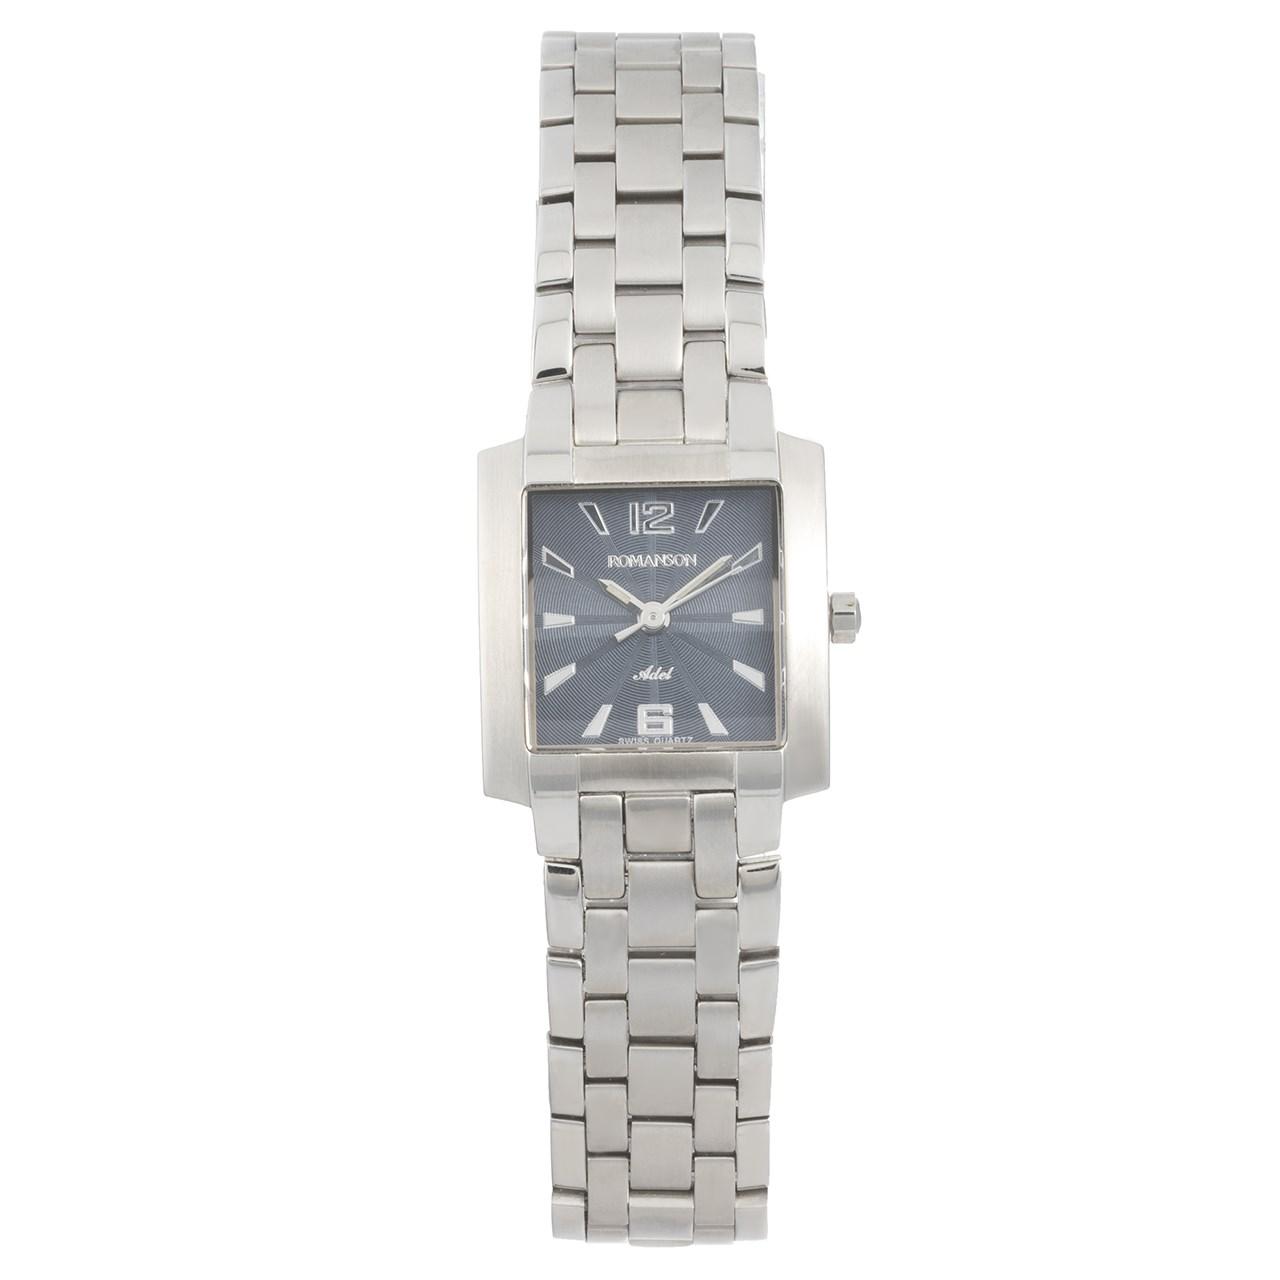 ساعت مچی عقربه ای زنانه رومانسون مدل TM7601LL1WA42W 1